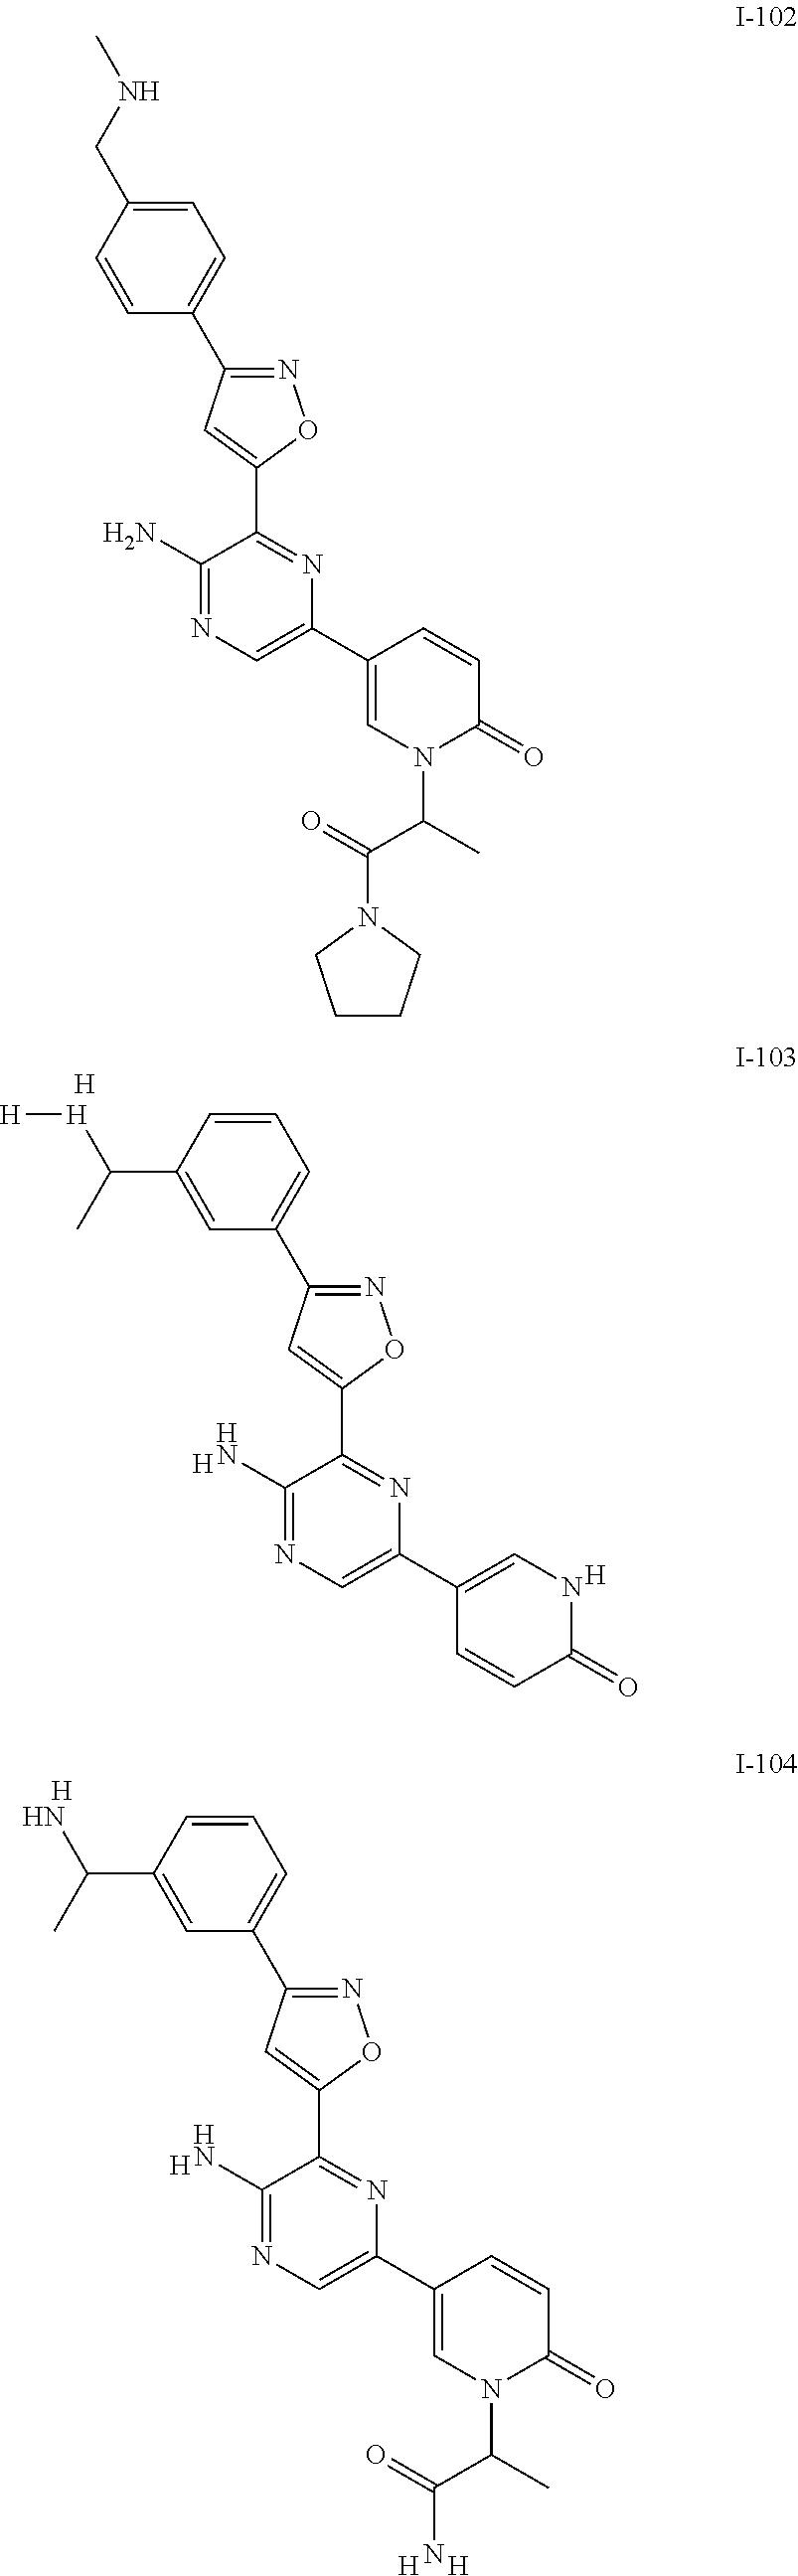 Figure US09630956-20170425-C00252